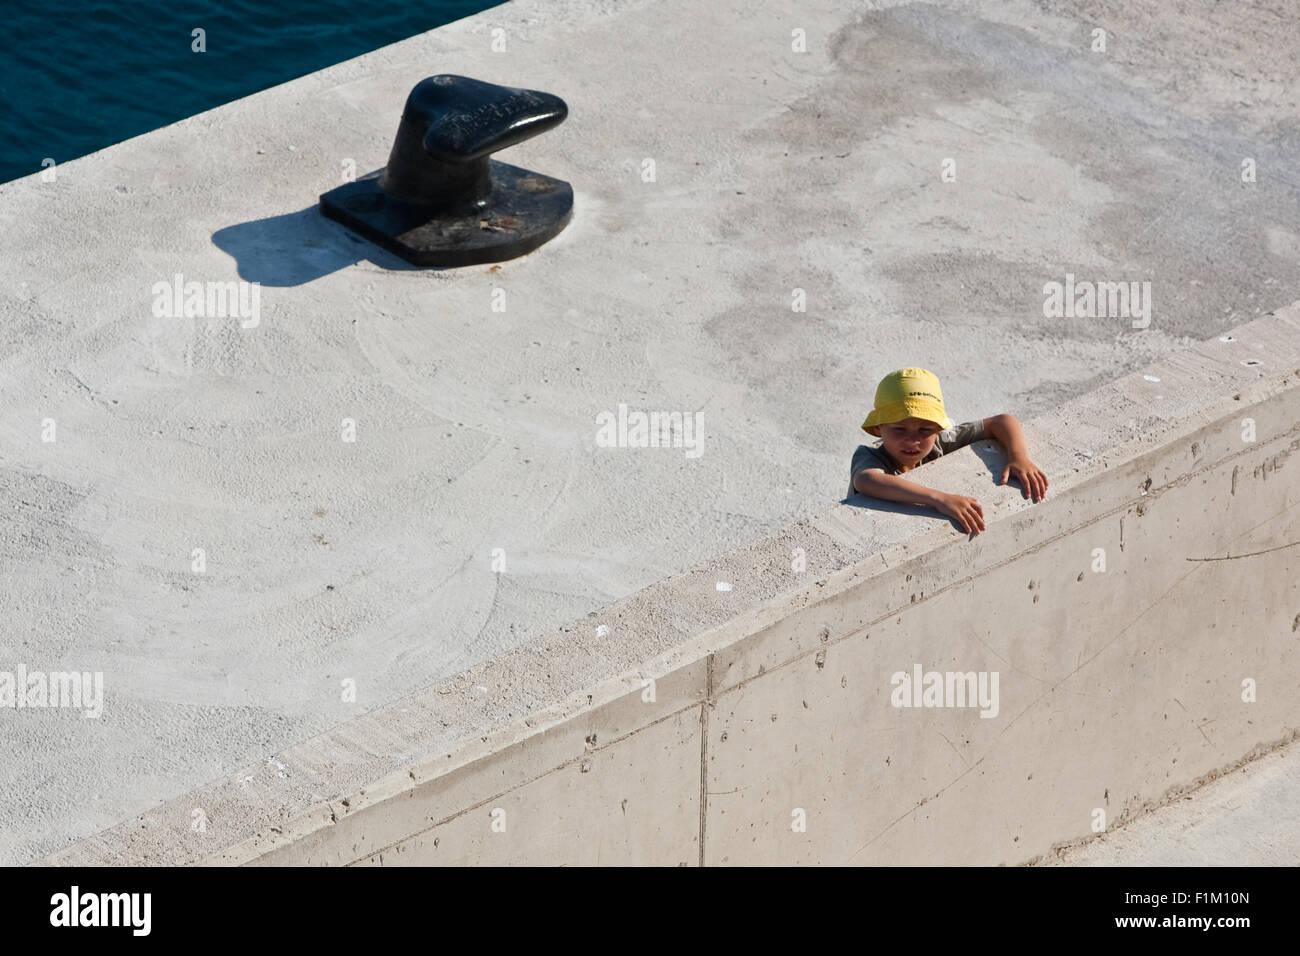 Chil waiting for the ship, Dalmatia, Croatia - Stock Image